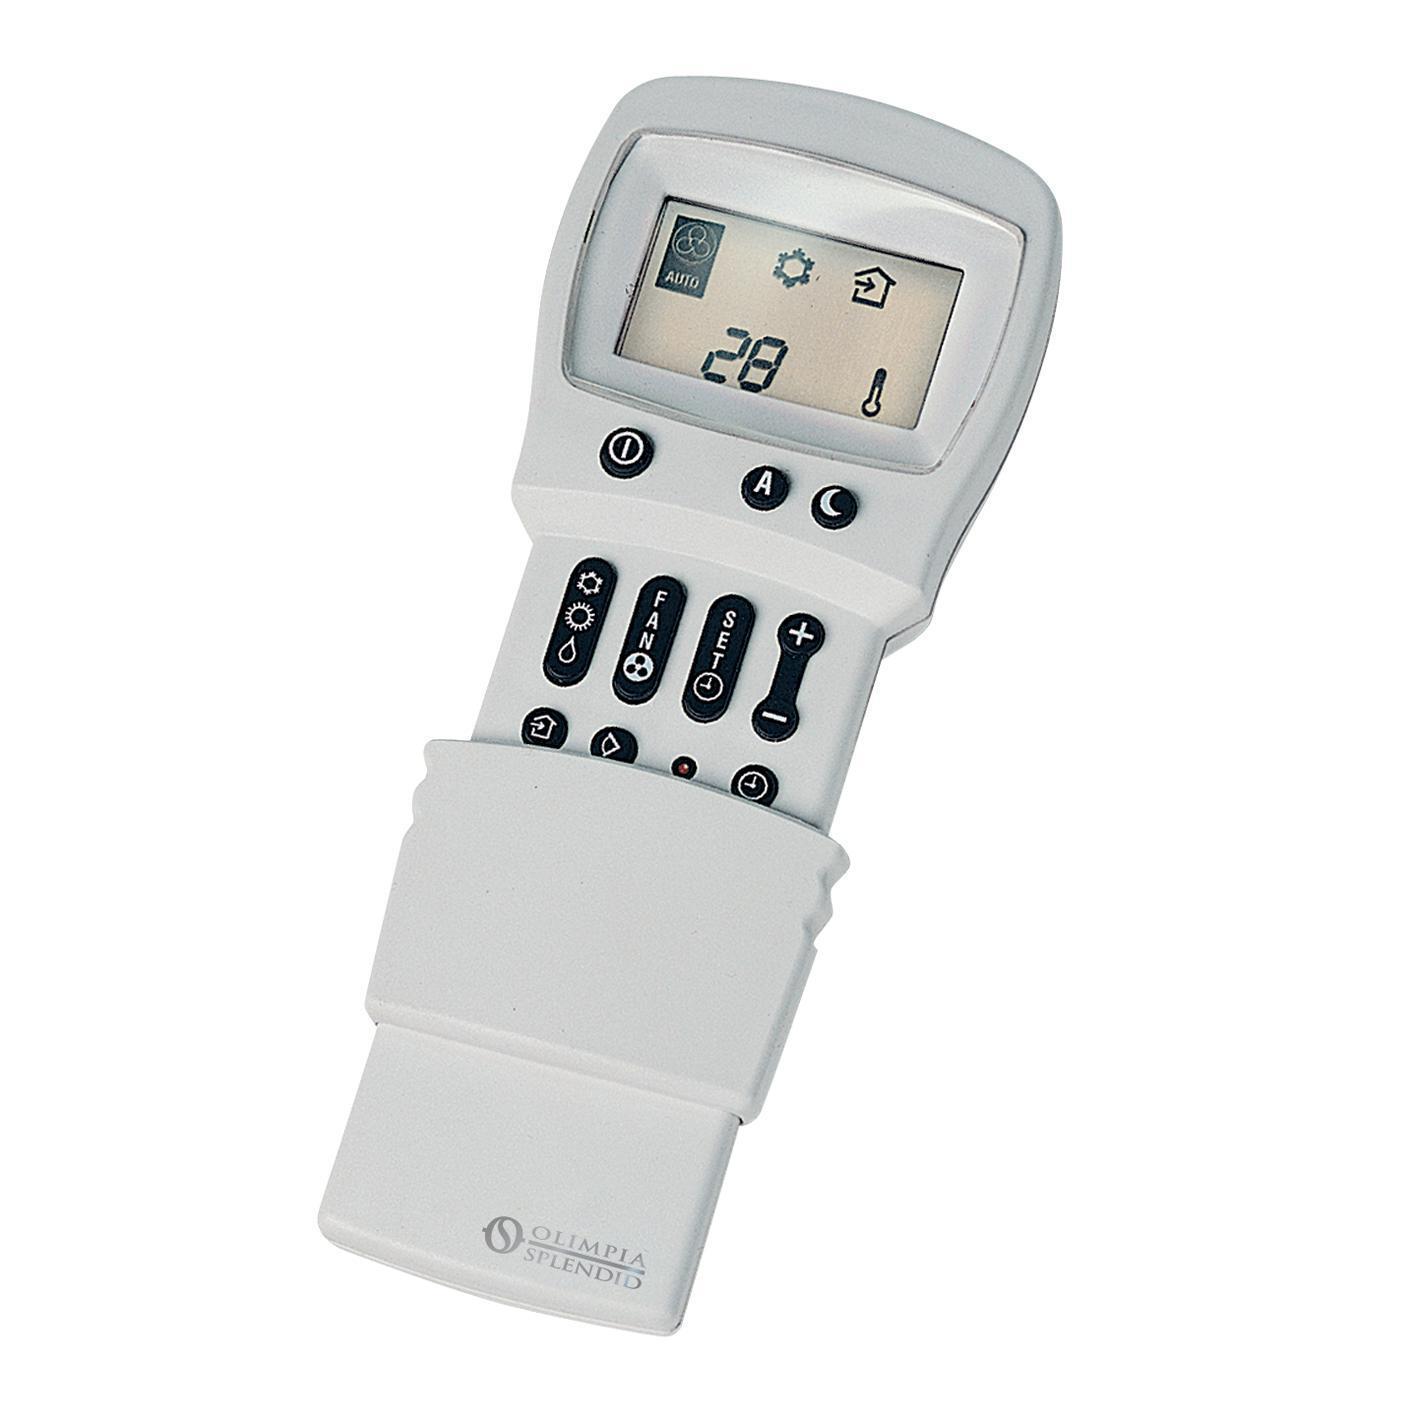 Climatizzatore a cassetta Monoblocco OLIMPIA SPLENDID 9000 - 6